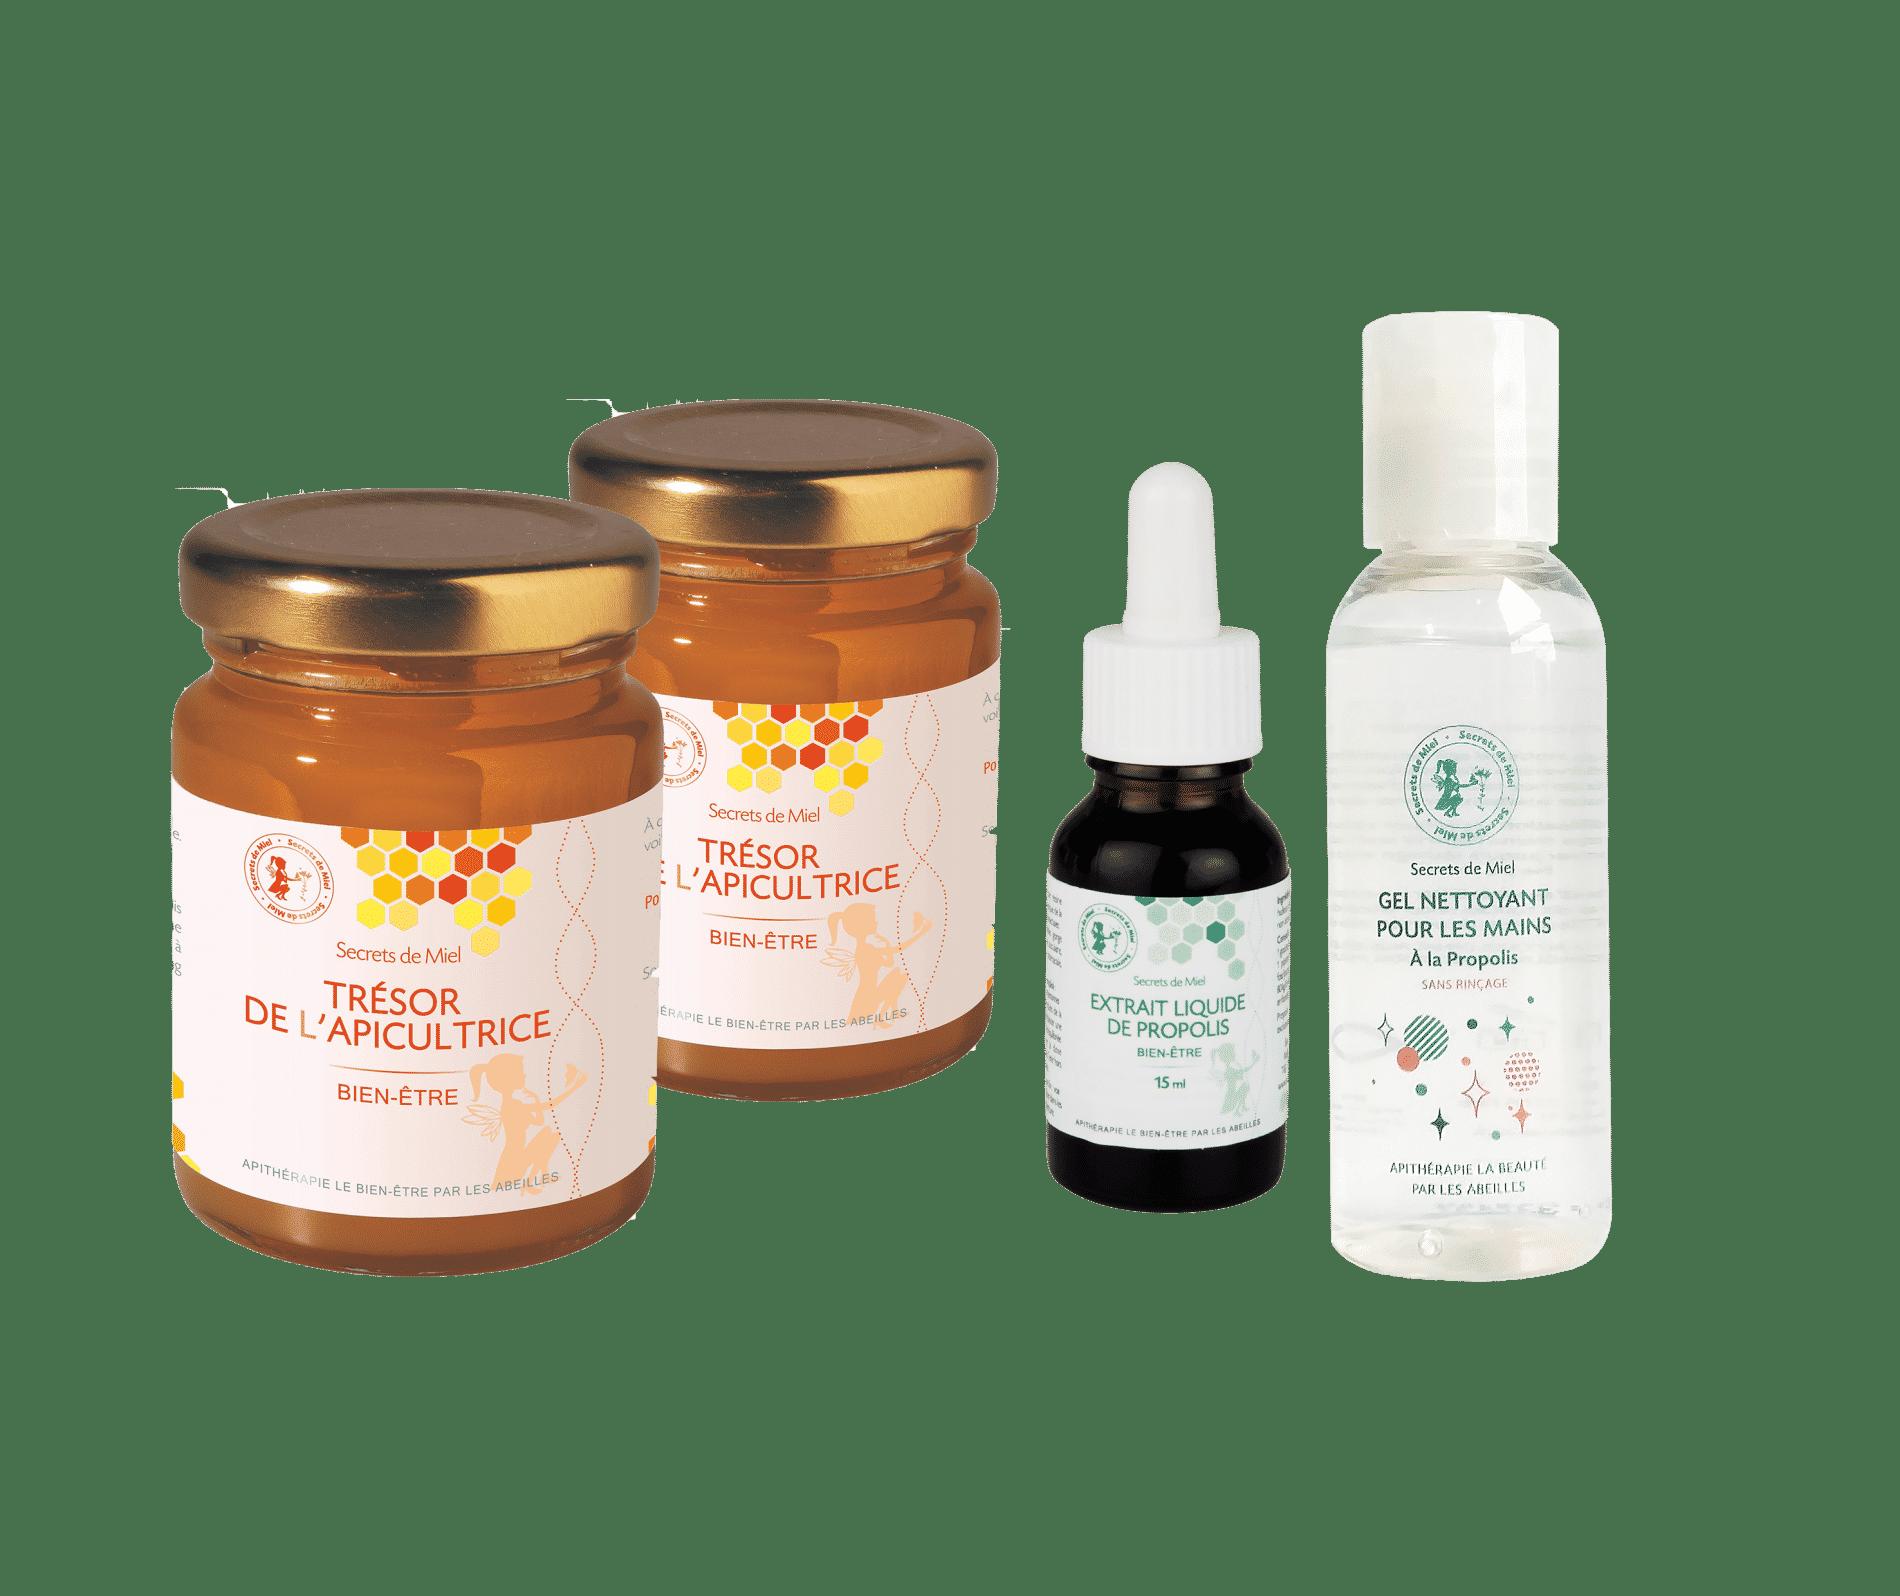 Immunité - renforcer son organisme - produits de la ruche - Secrets de Miel